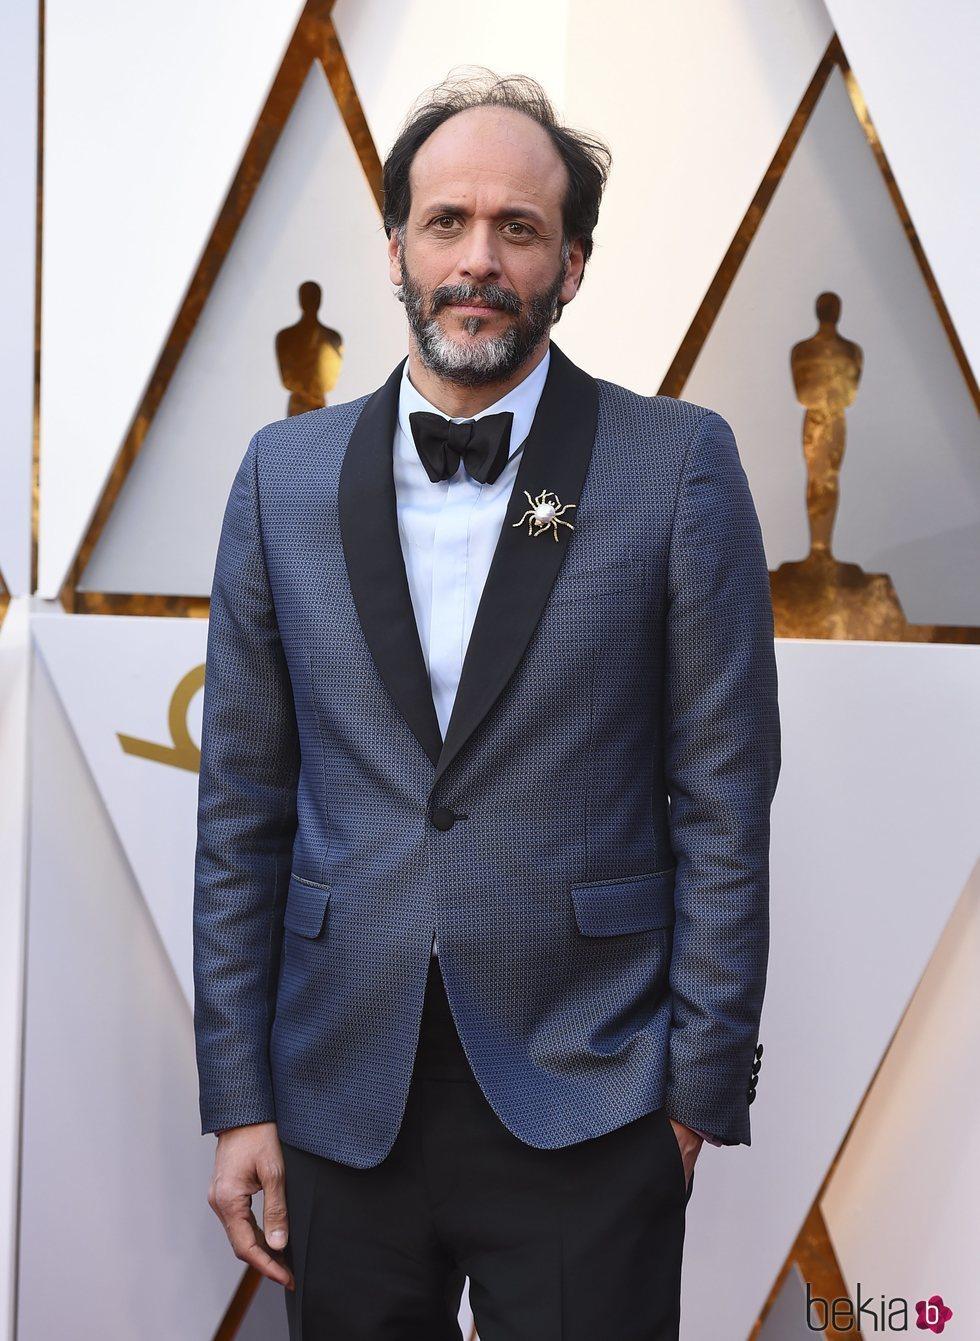 Luca Guadagnino en la alfombra roja de los Premios Oscar 2018